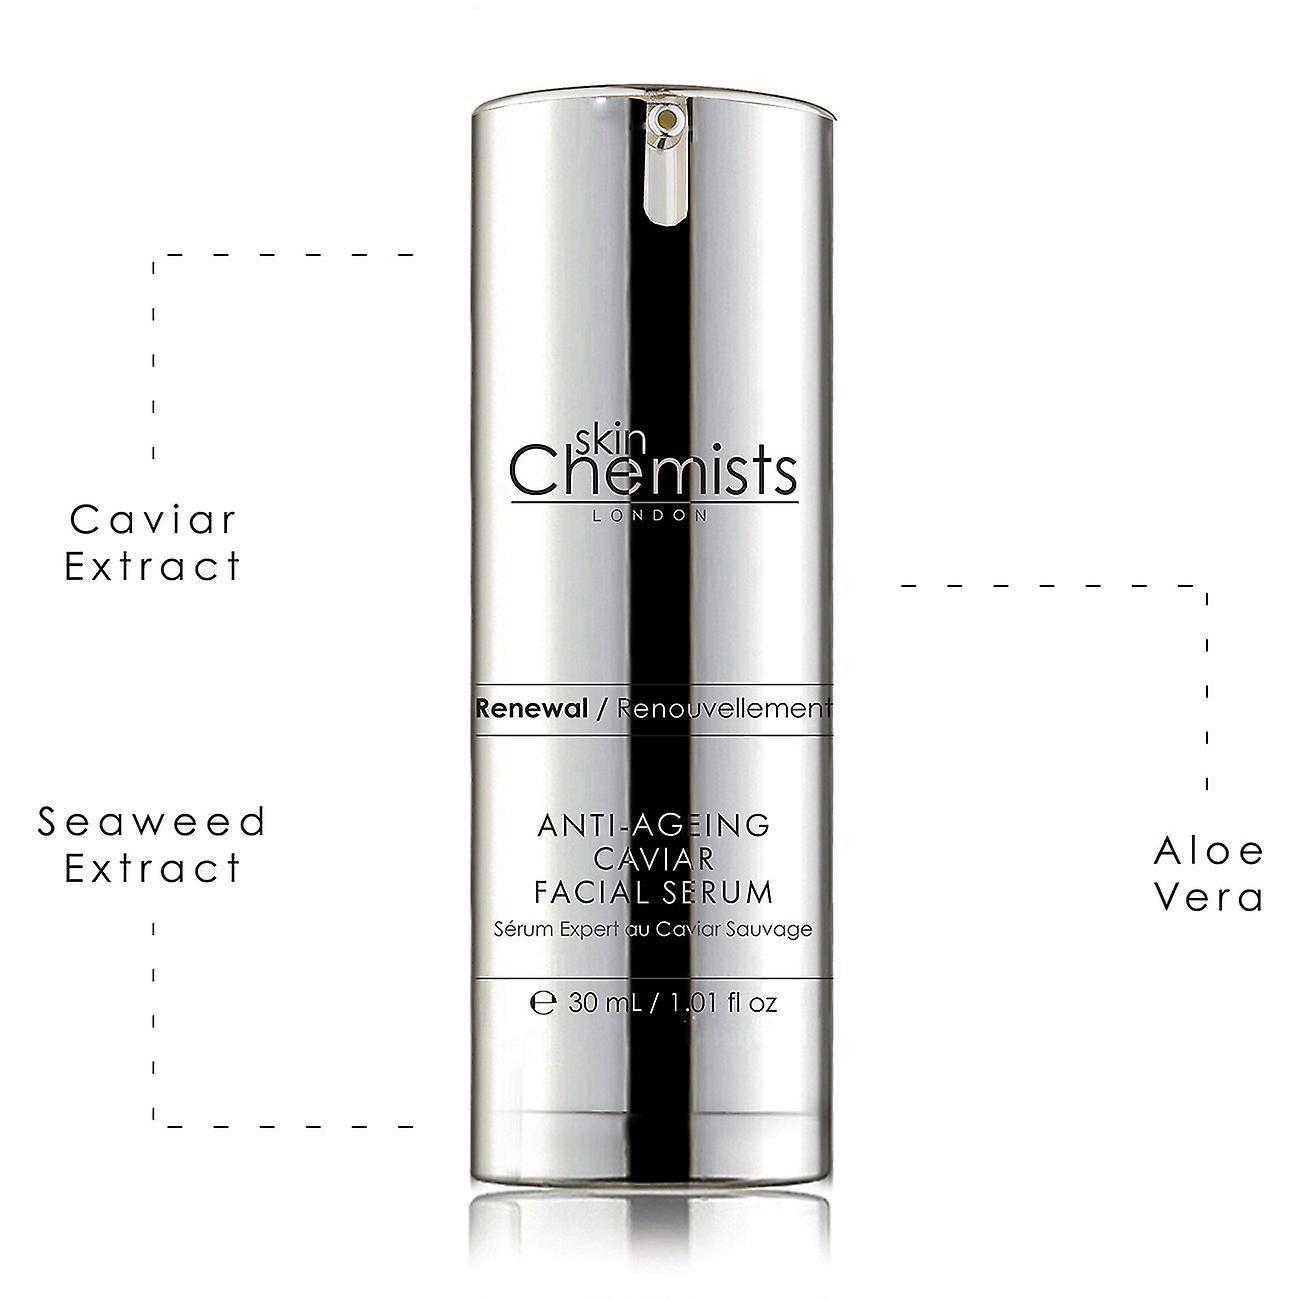 Anti-ageing caviar facial serum